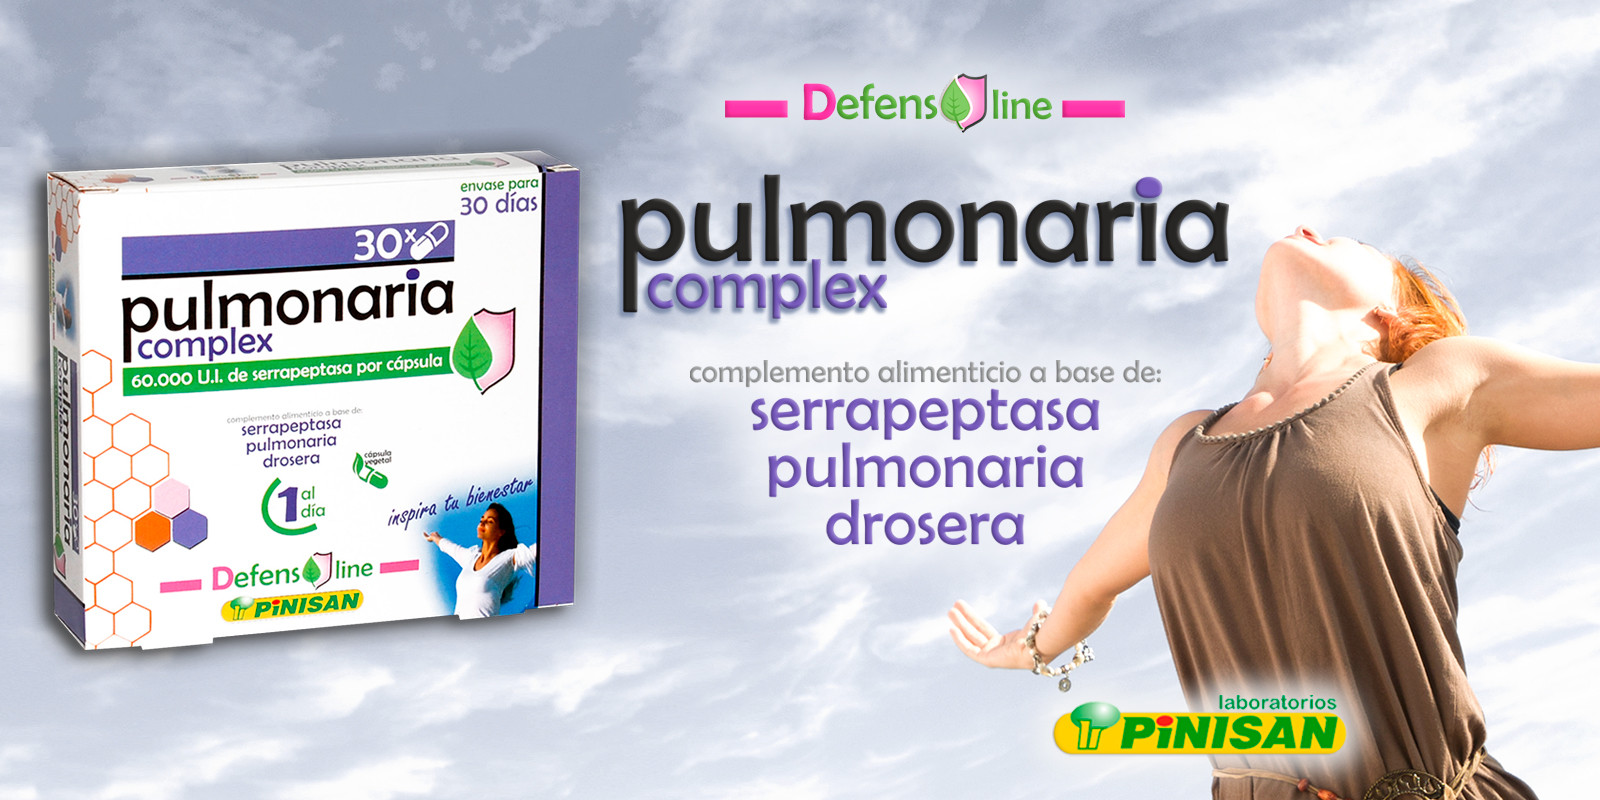 Pulmonaria complex